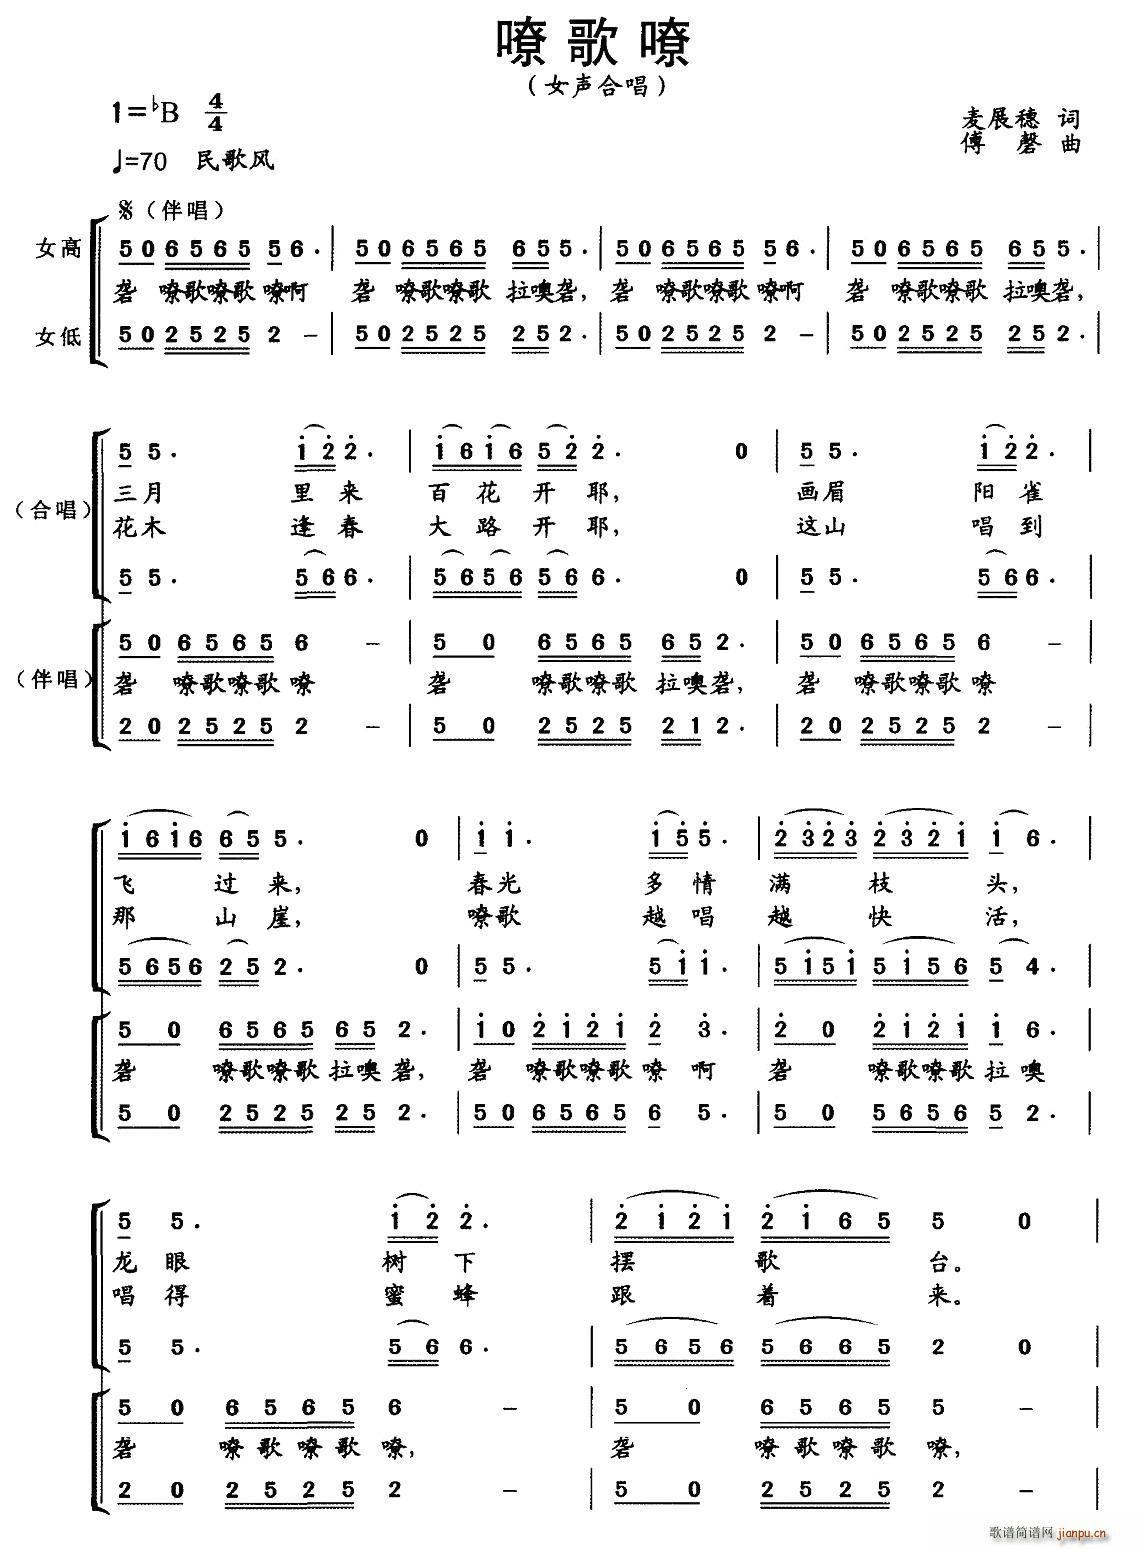 嘹歌嘹(合唱谱)1